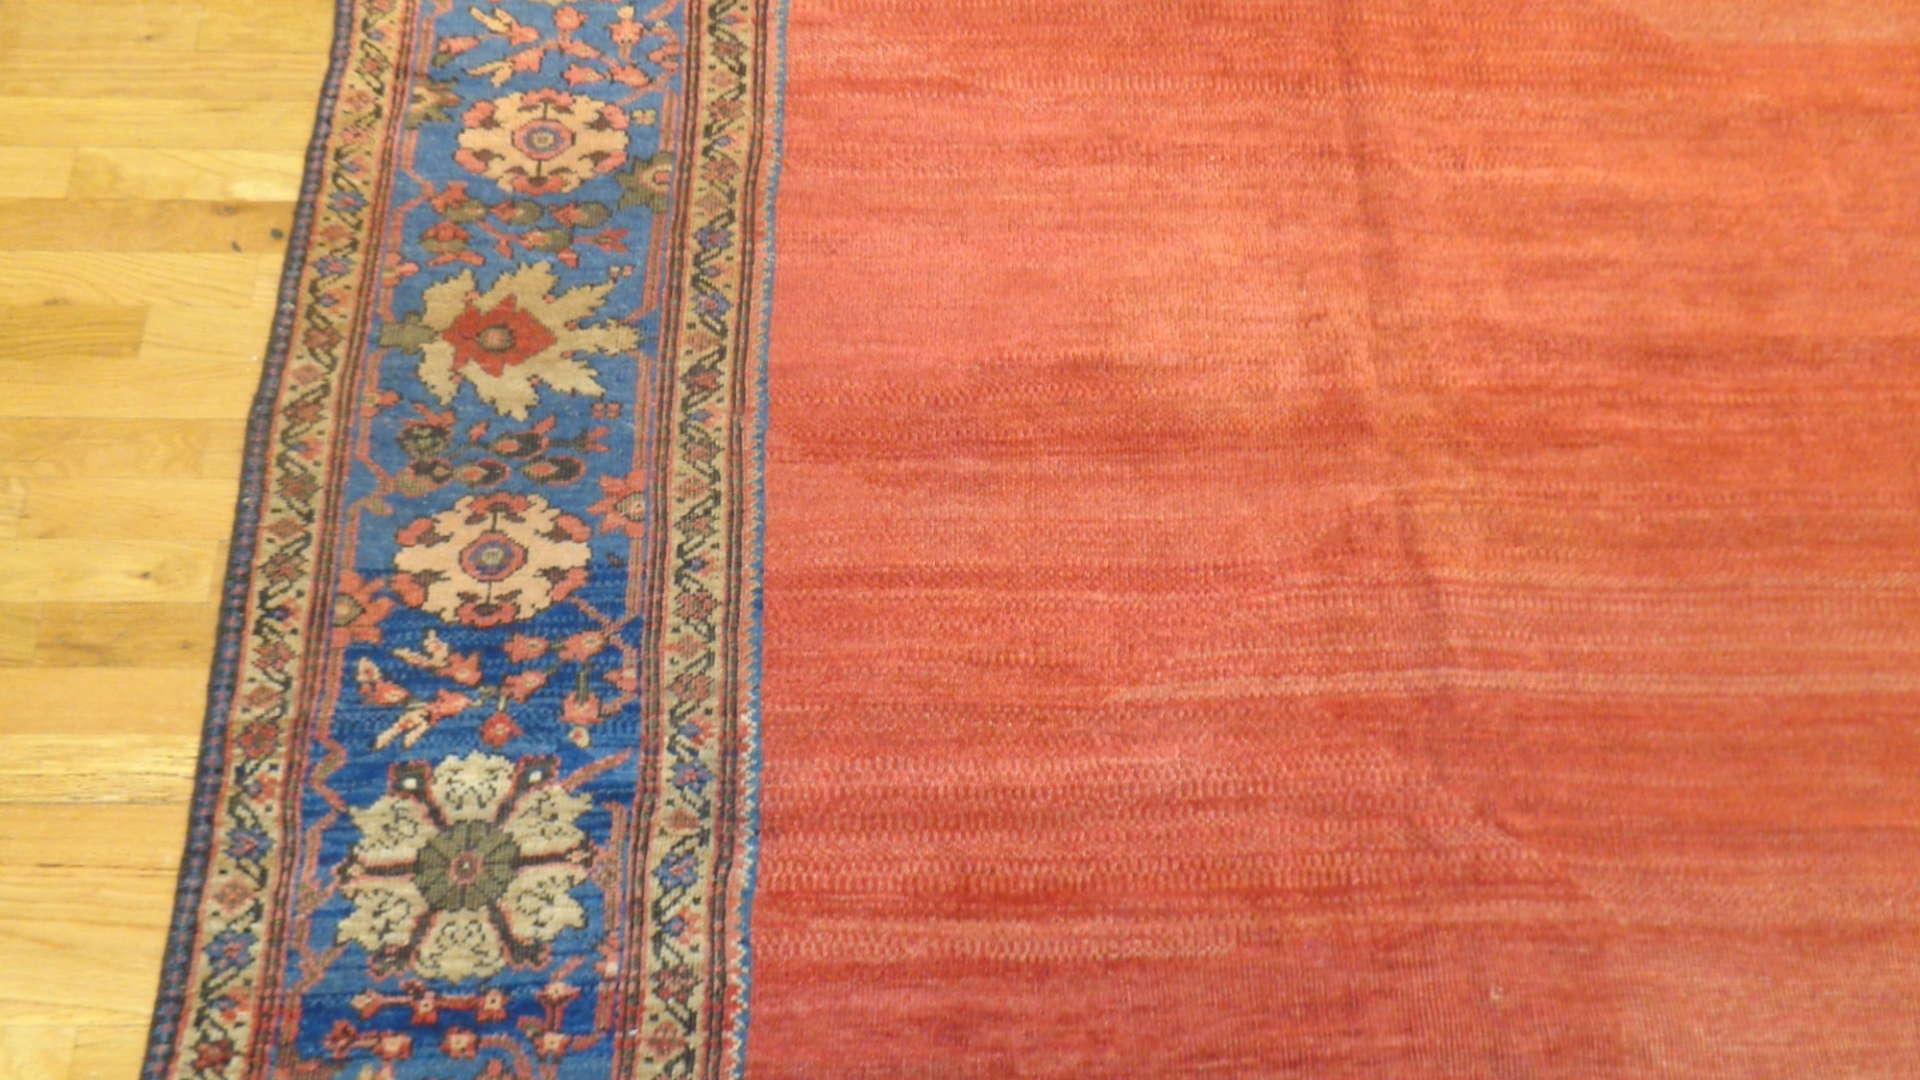 24760 antique persian mahal rug 9,11x13,6-2